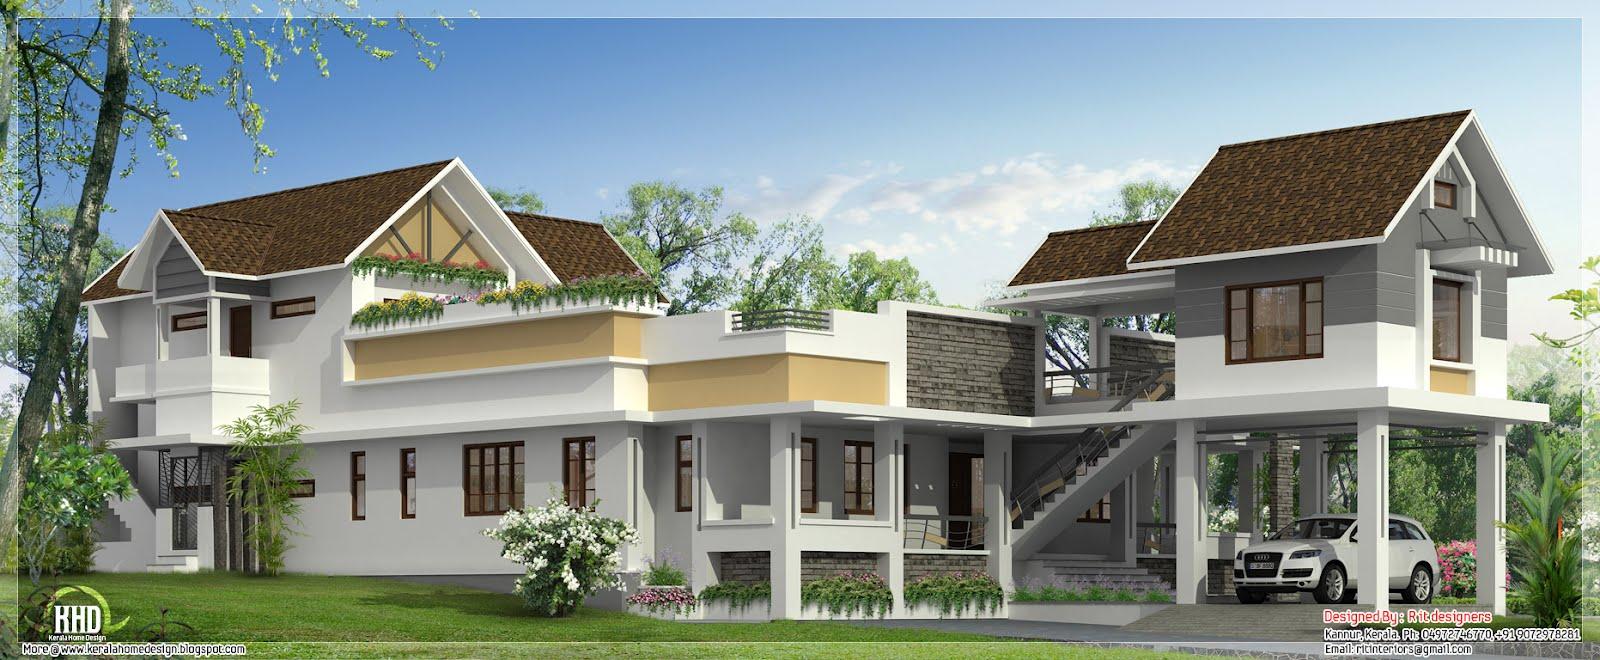 unique floor plans houses trend home design decor unique house plans unique homes designs exemplary great unique